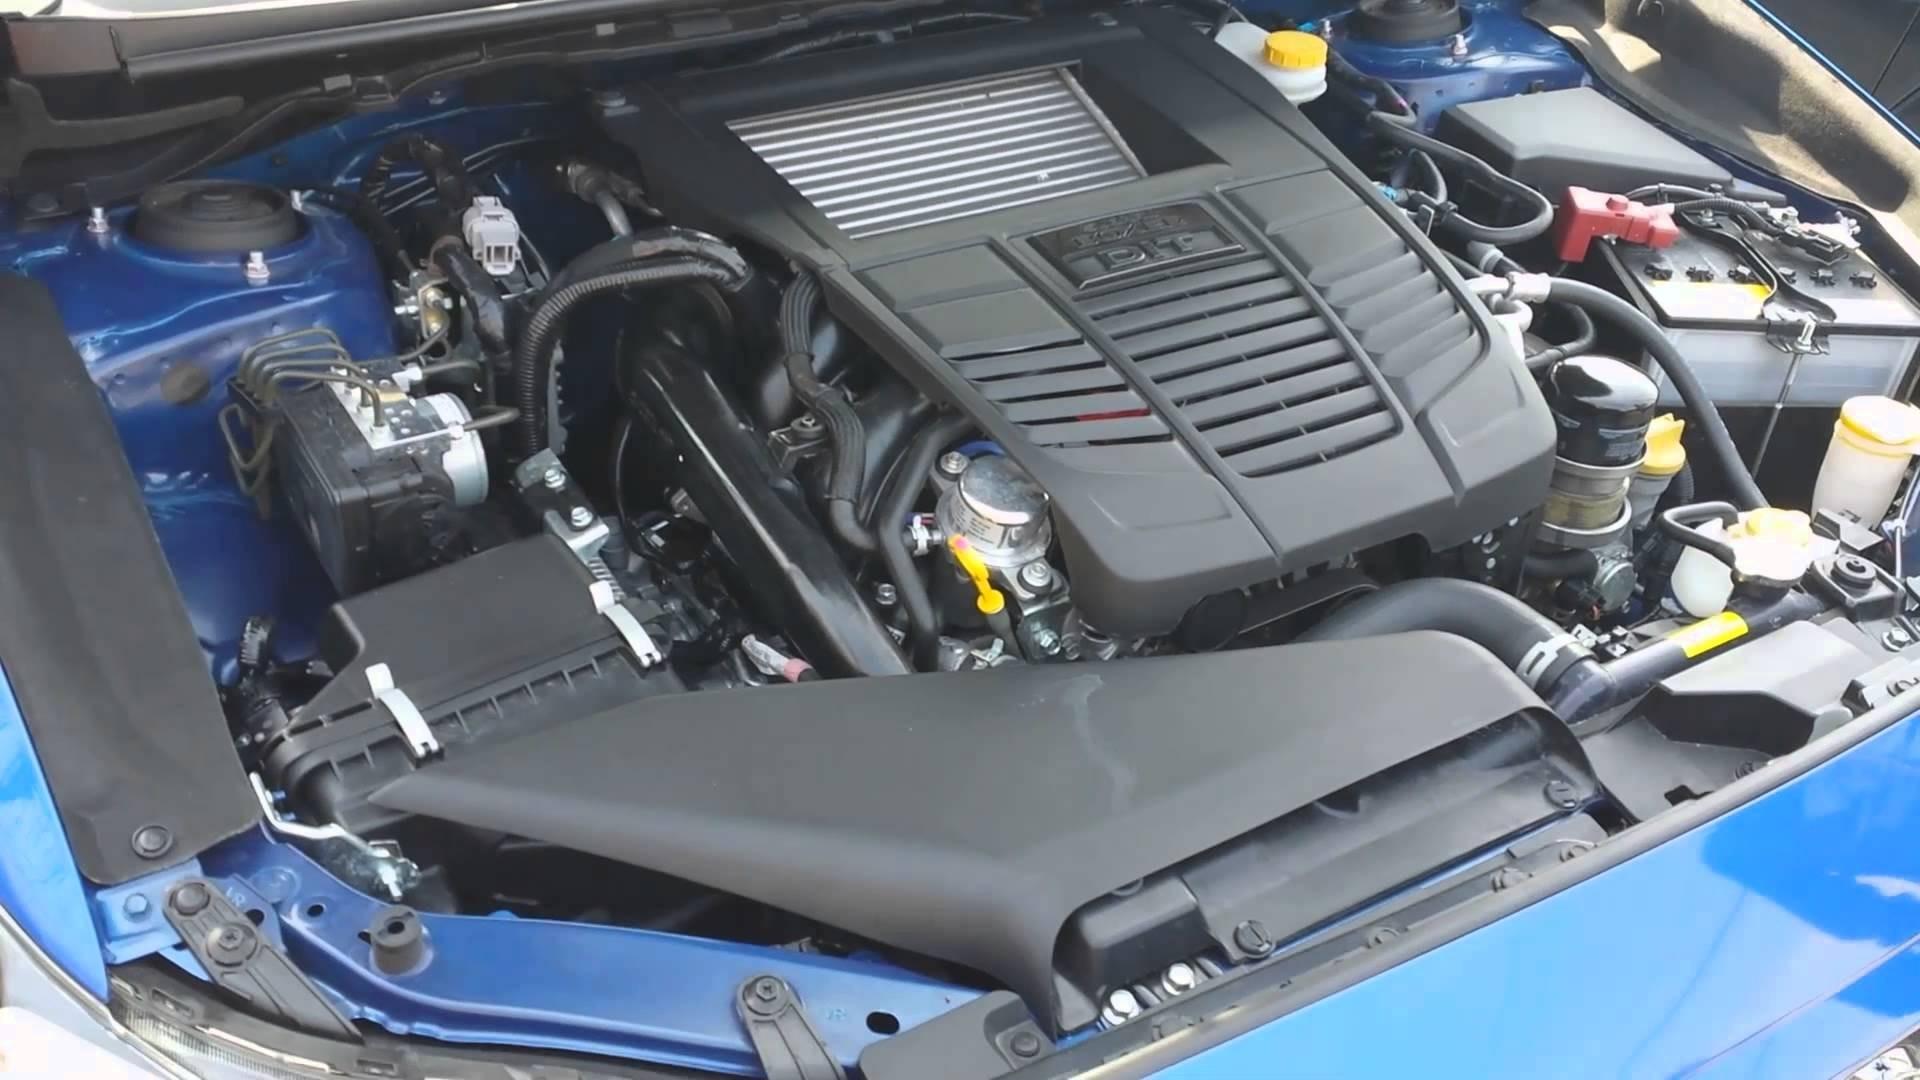 wrx engine bay diagram my wiring rh detoxicrecenze com 2015 subaru rh gsiders co 2010 Subaru Forester Engine Diagram 2015 wrx engine bay diagram